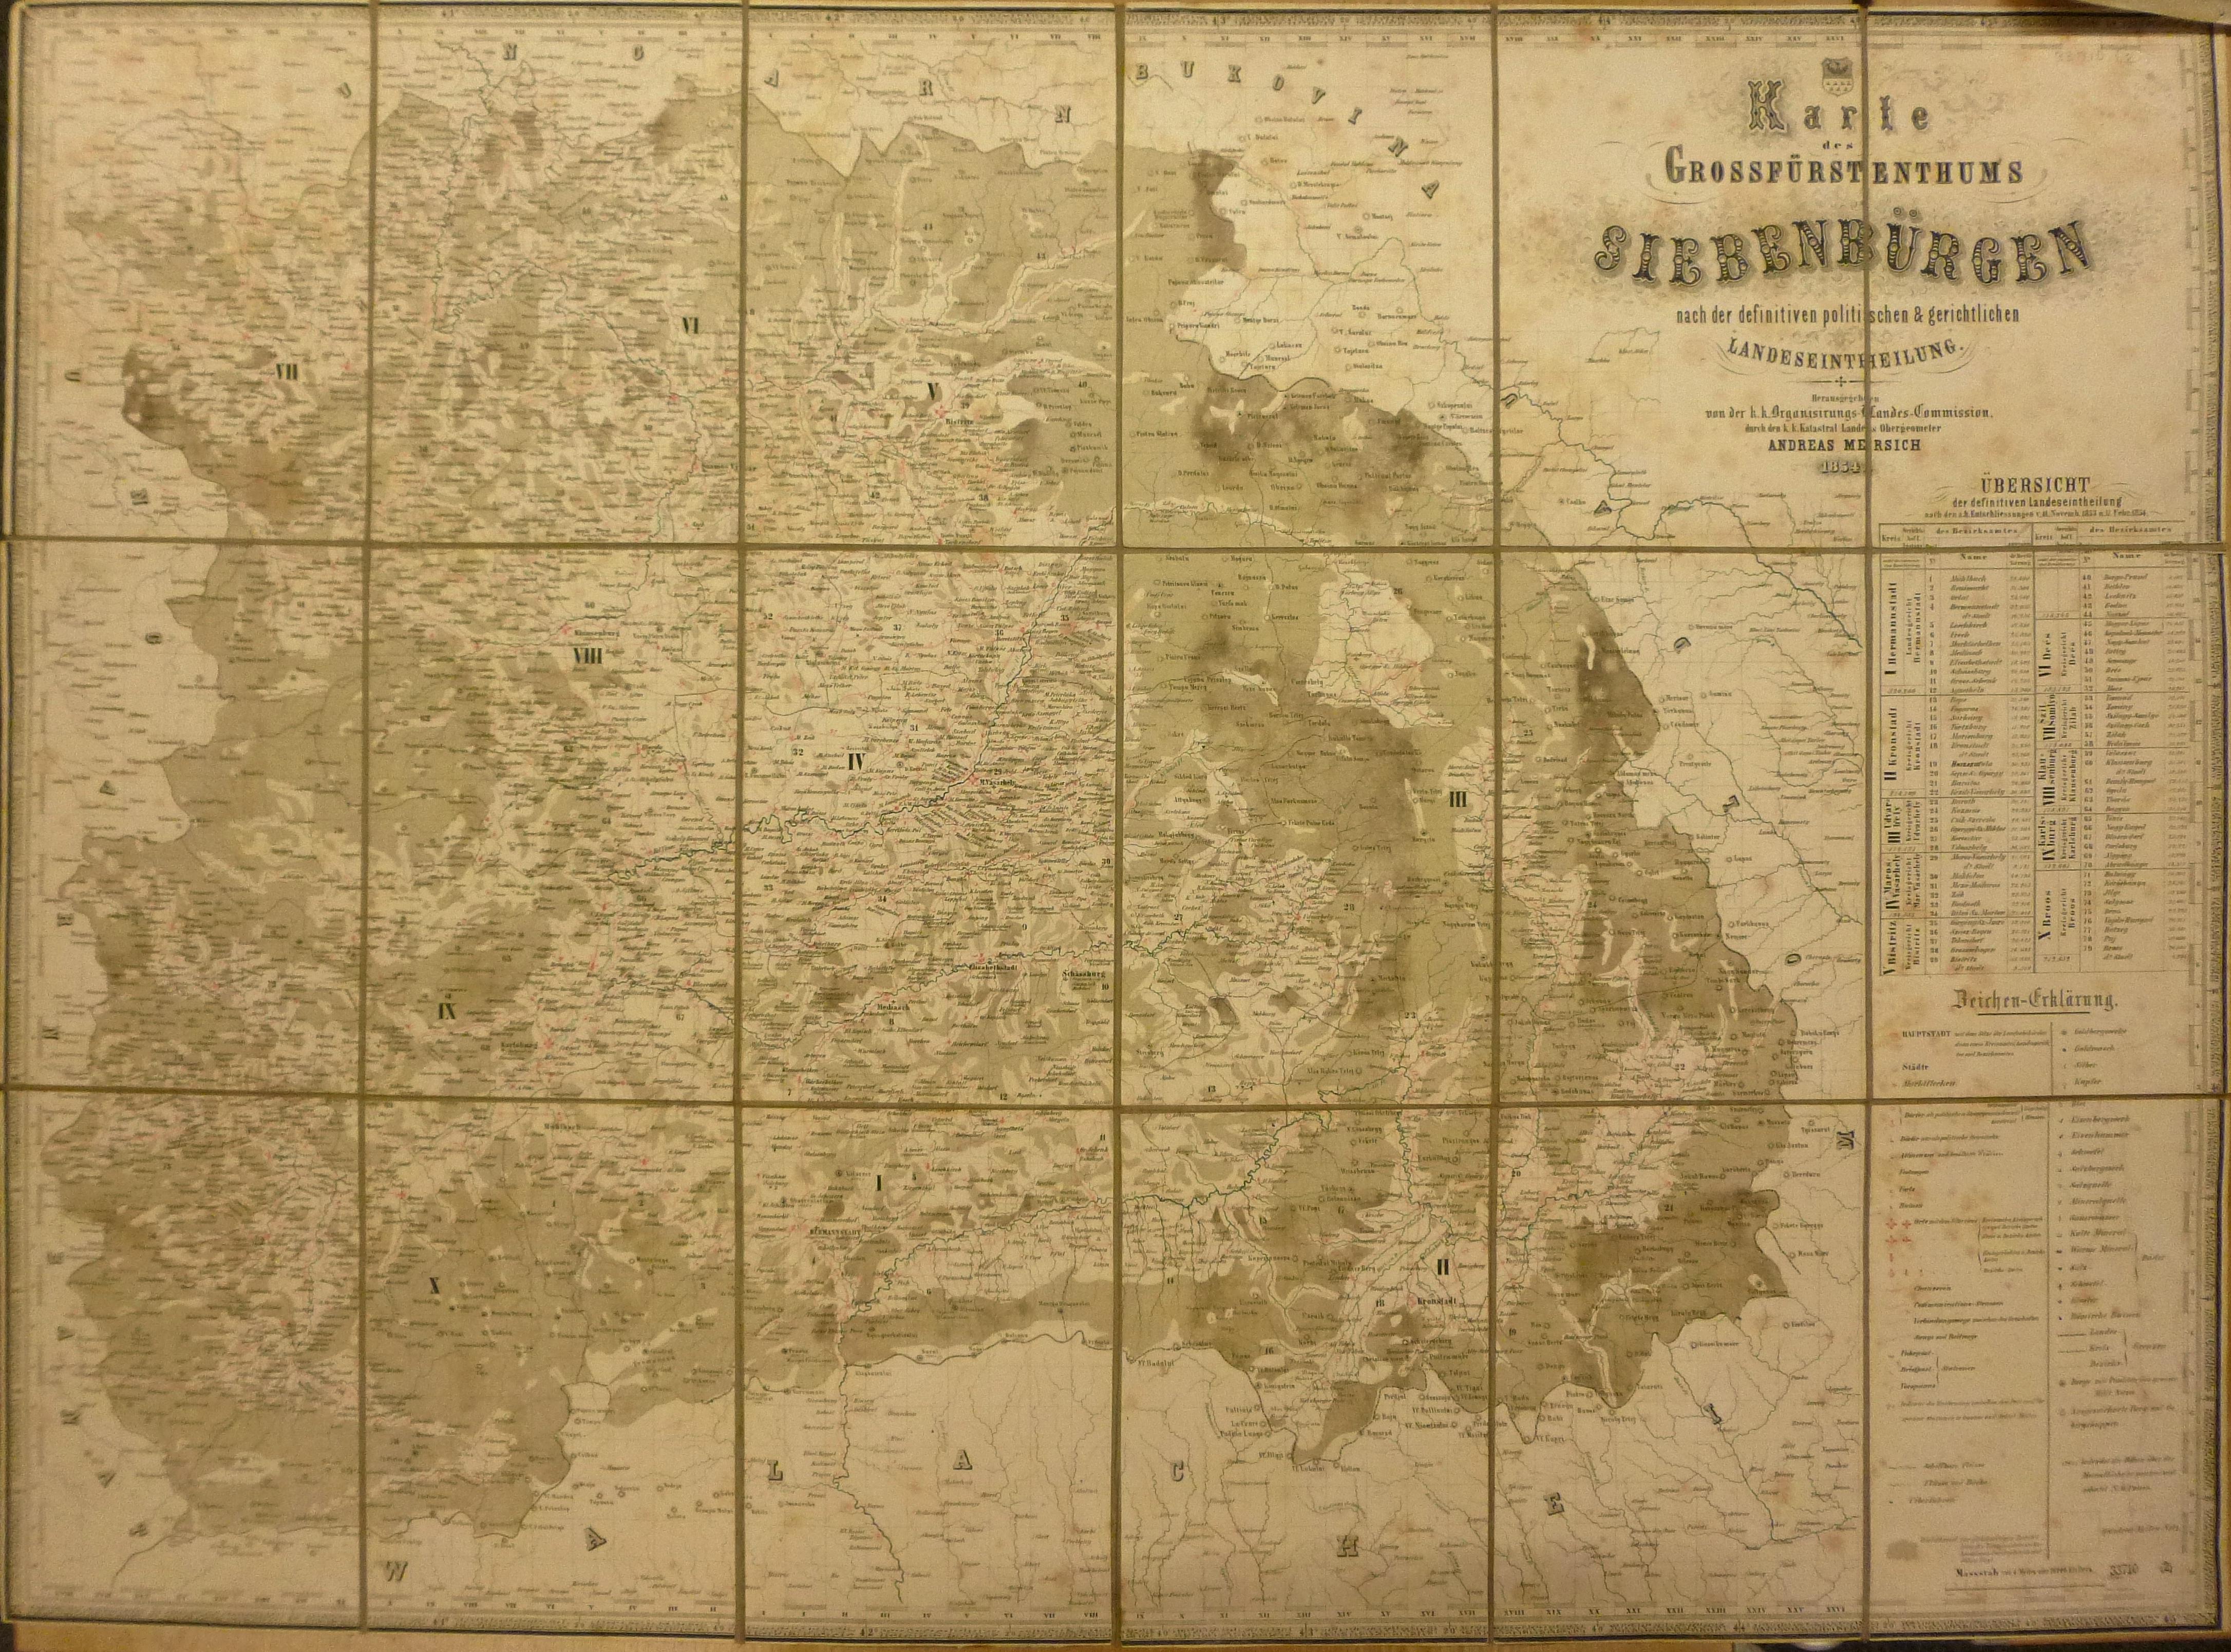 siebenbürgen karte File:Karte des Grossfürstentums Siebenbürgen nach der definitiven